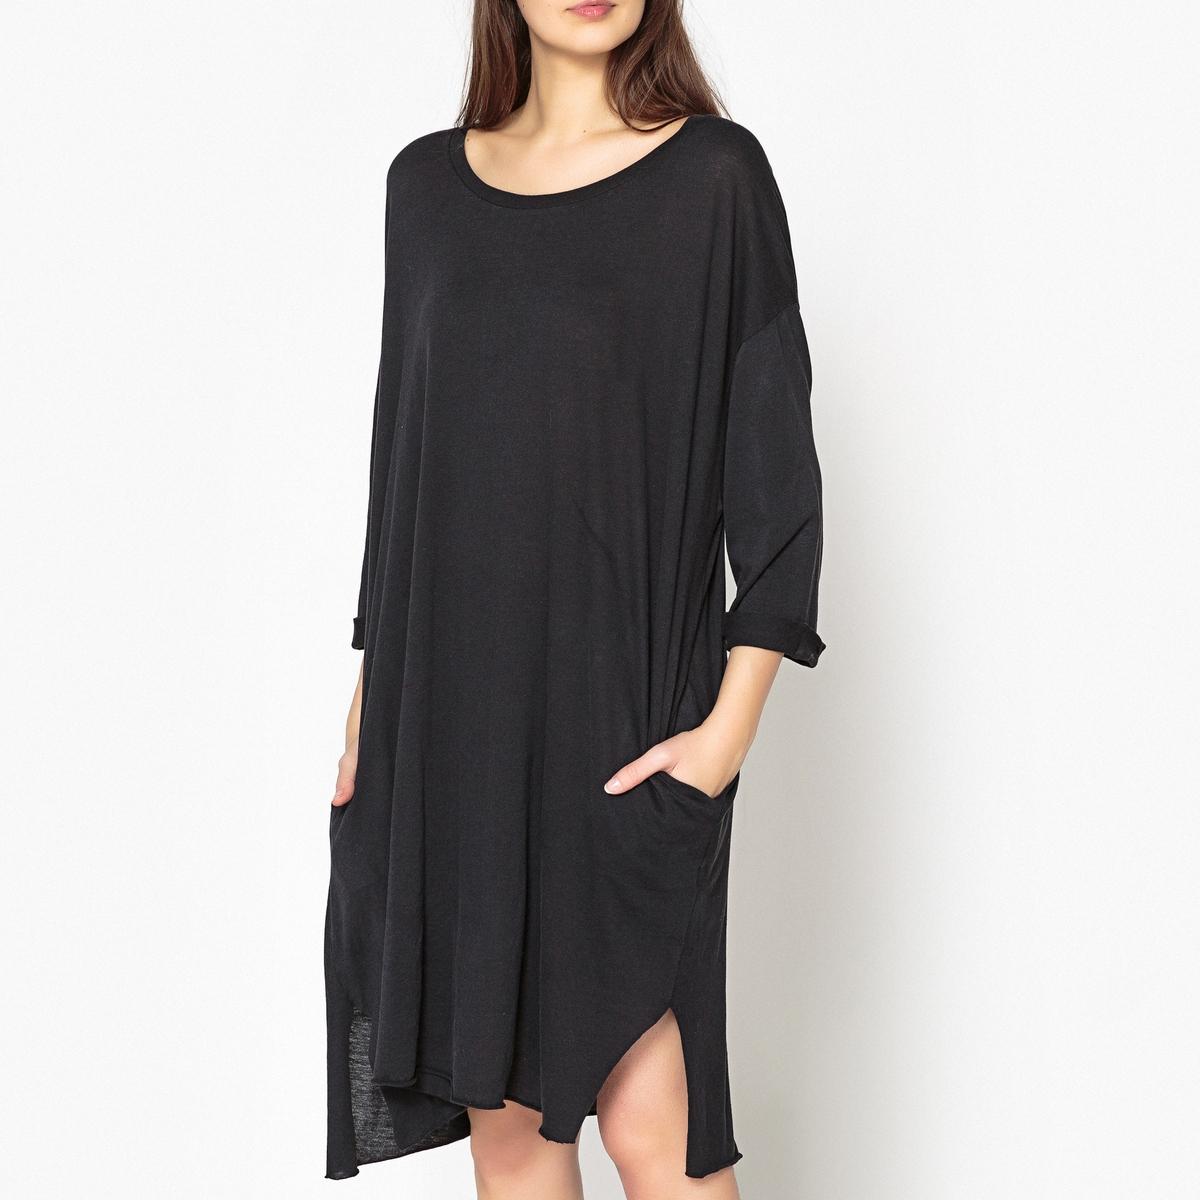 Платье-футболка из струящейся ткани JOCОписание:Платье-футболка AMERICAN VINTAGE - модель JOC. Отвороты на рукавах. Небольшой разрез по низу с каждой стороны. Свободное платье с приспущенными проймами и необработанными краями по низу.Детали •  Форма : расклешенная •  Укороченная модель •  Рукава 3/4    •  Круглый вырезСостав и уход •  50% хлопка, 50% модала •  Следуйте рекомендациям по уходу, указанным на этикетке изделия •  Длина ок.96 см. для размера S<br><br>Цвет: антрацит,хаки<br>Размер: M/L